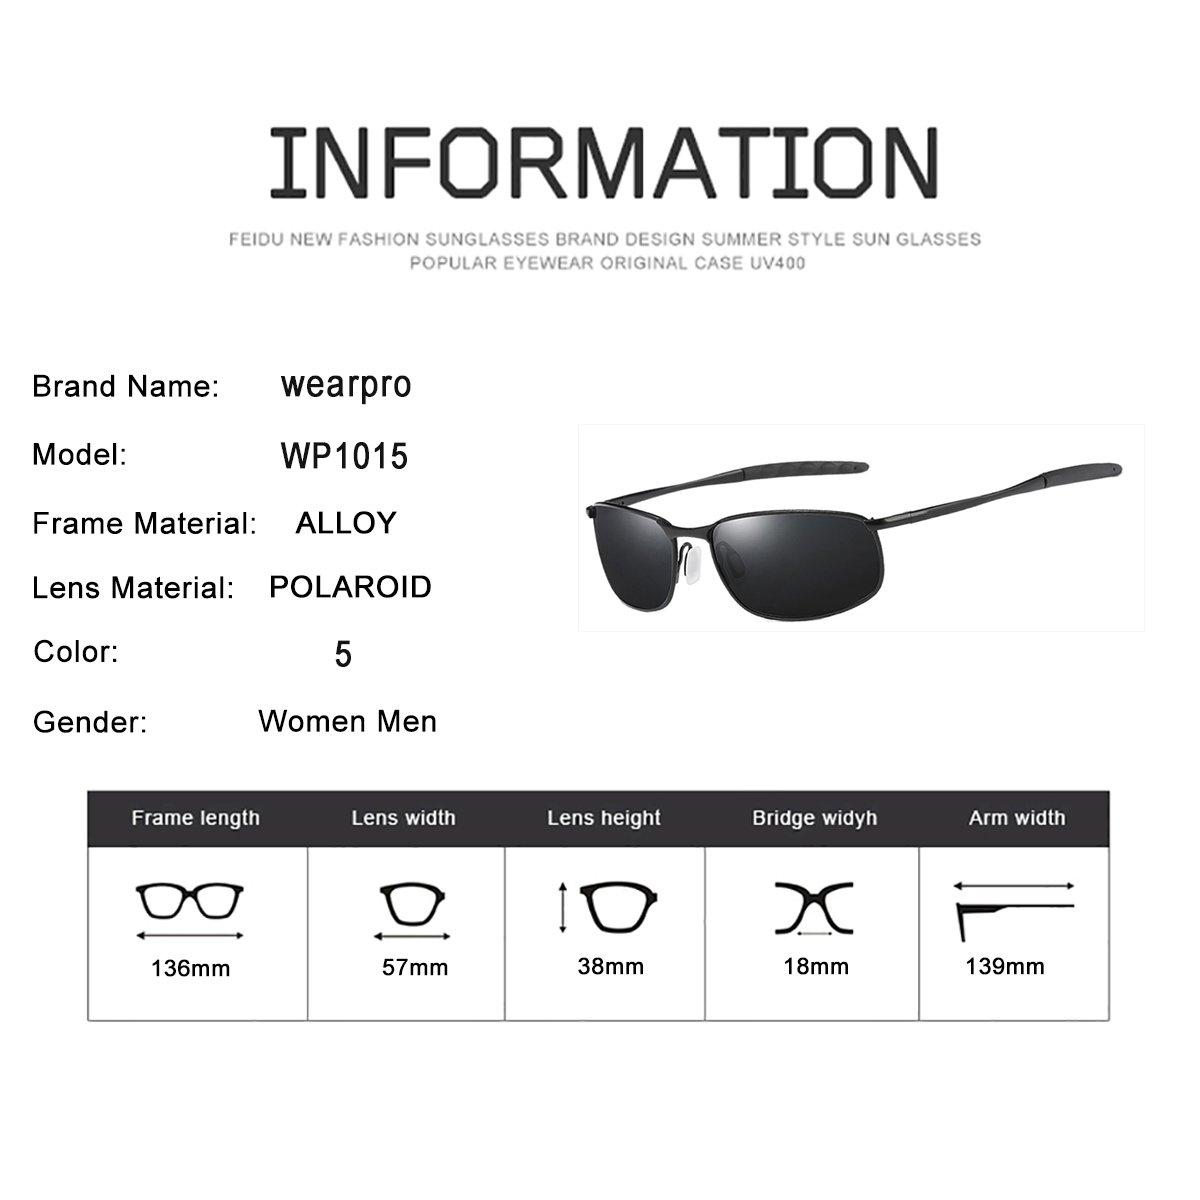 Occhiali da sole da uomo Sport montatura in metallo polarizzato con lenti in vetro Occhiali da sole moda caldi per uomo WP1015